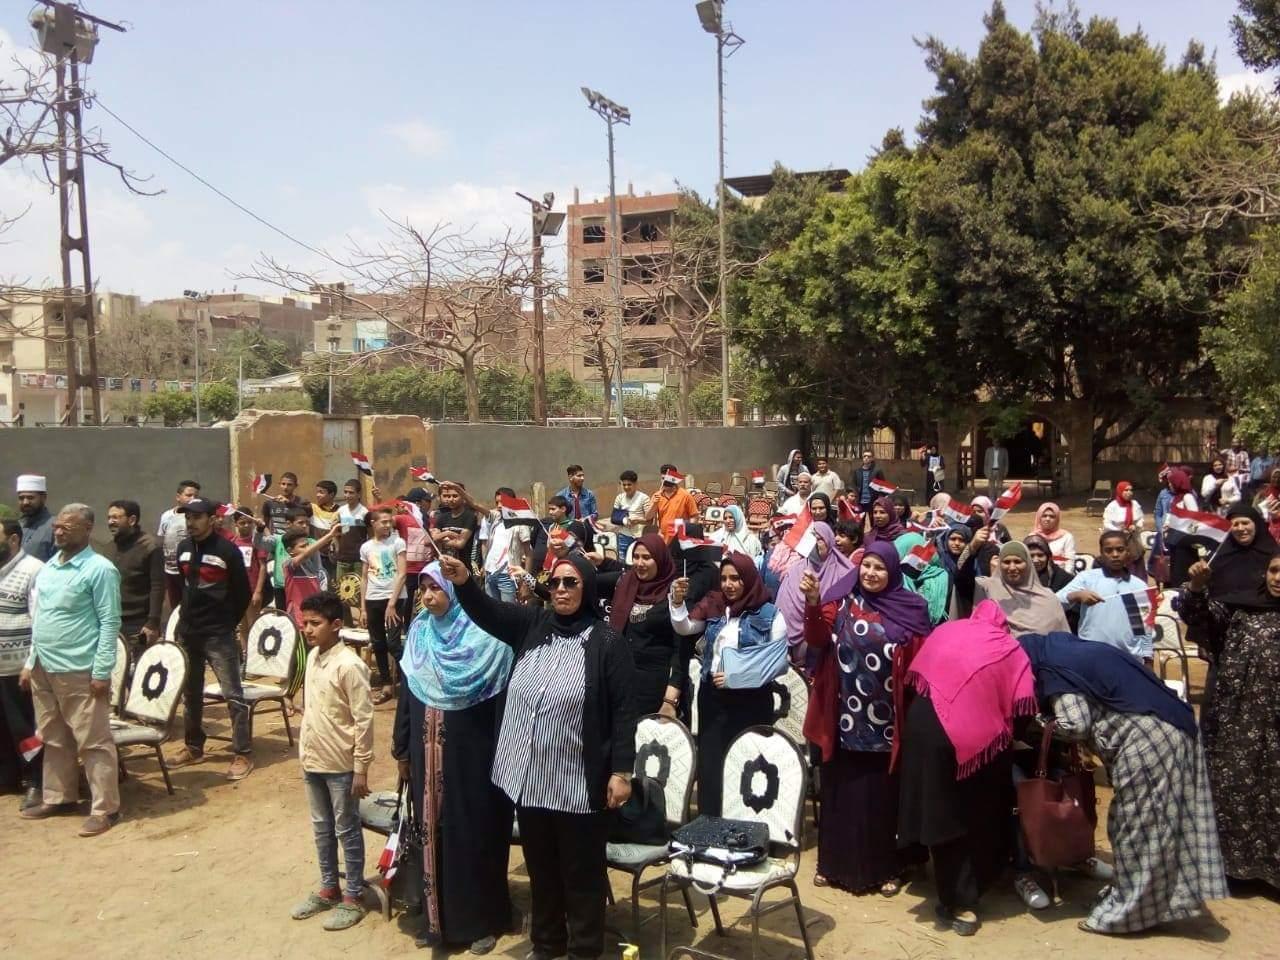 المجلس القومي للمرأة  ينظم فعاليات حملة صوتك لمصر بكرة بالجيزة (2)